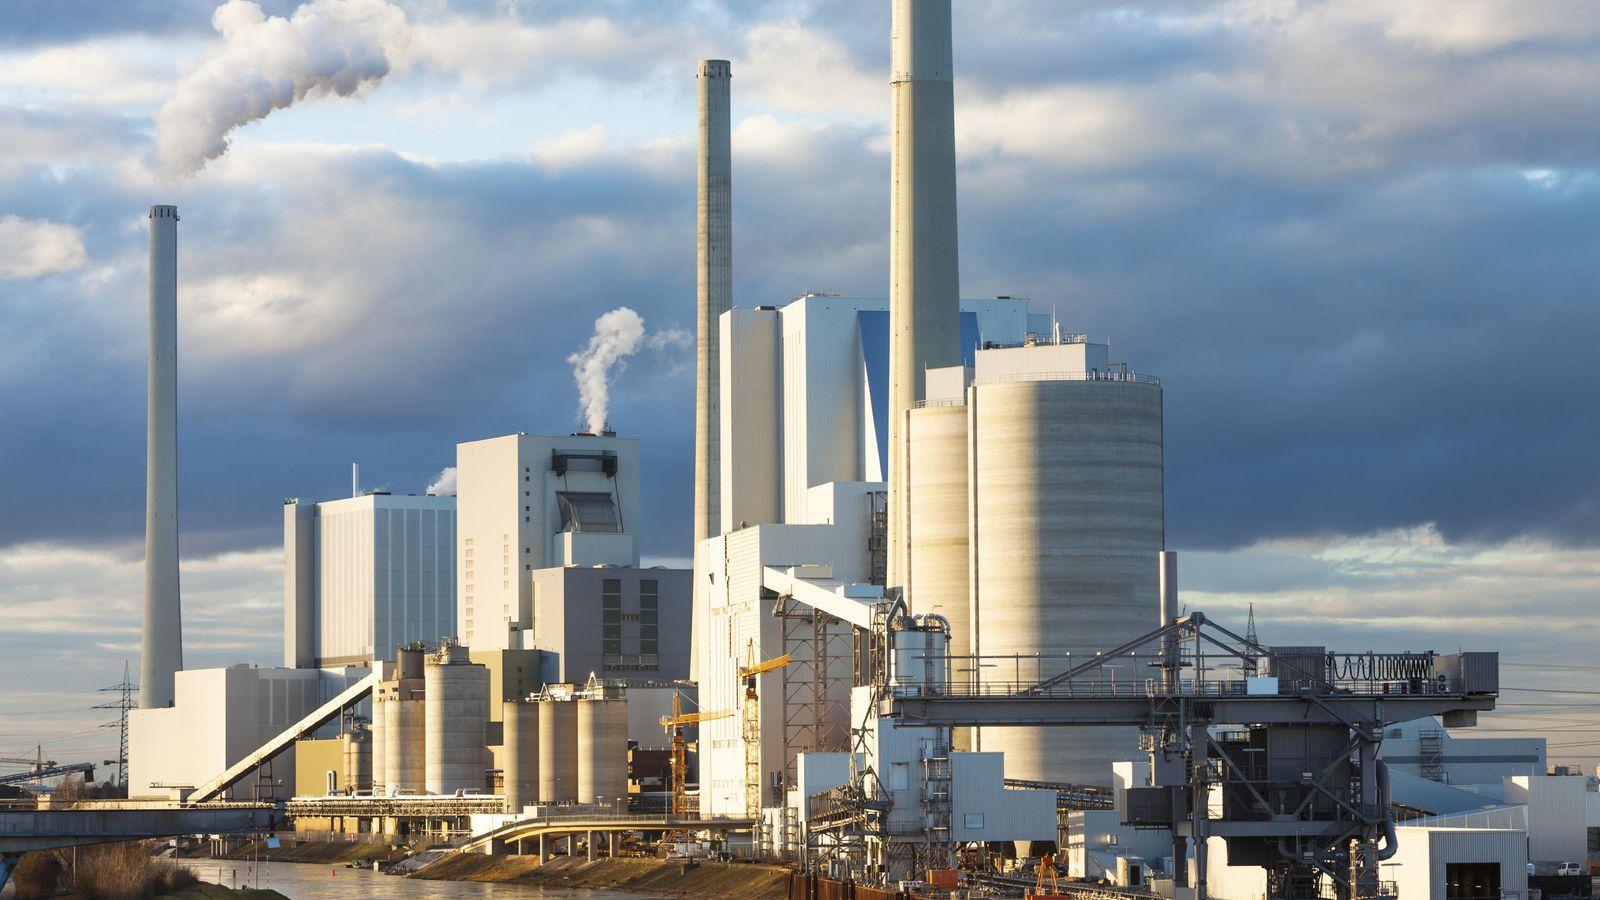 Foto: ¿Cómo te comportarías si fueses el dueño de una fábrica como esta? Ahora puedes comprobarlo. (iStock)